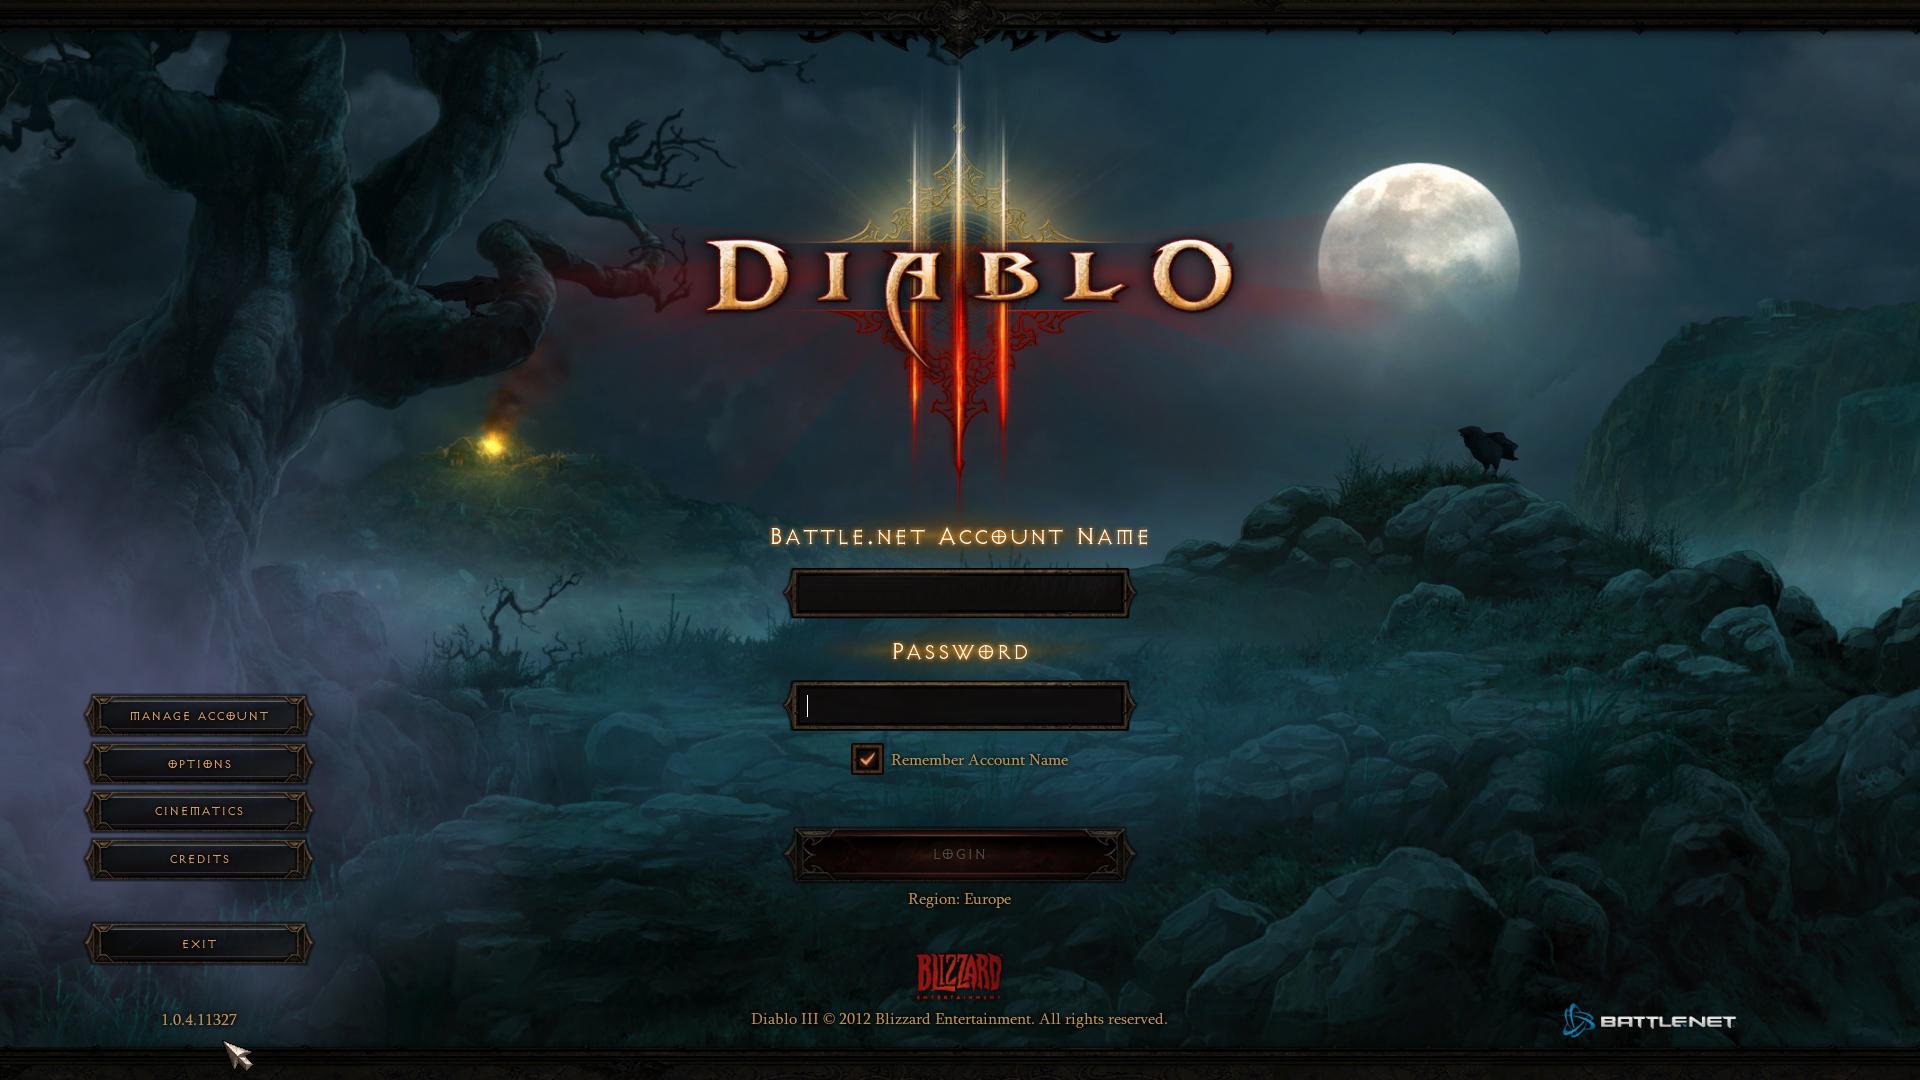 Diablo 3 1.0.5 PTR czyli jak pozbyć się error 12 screnshot 1